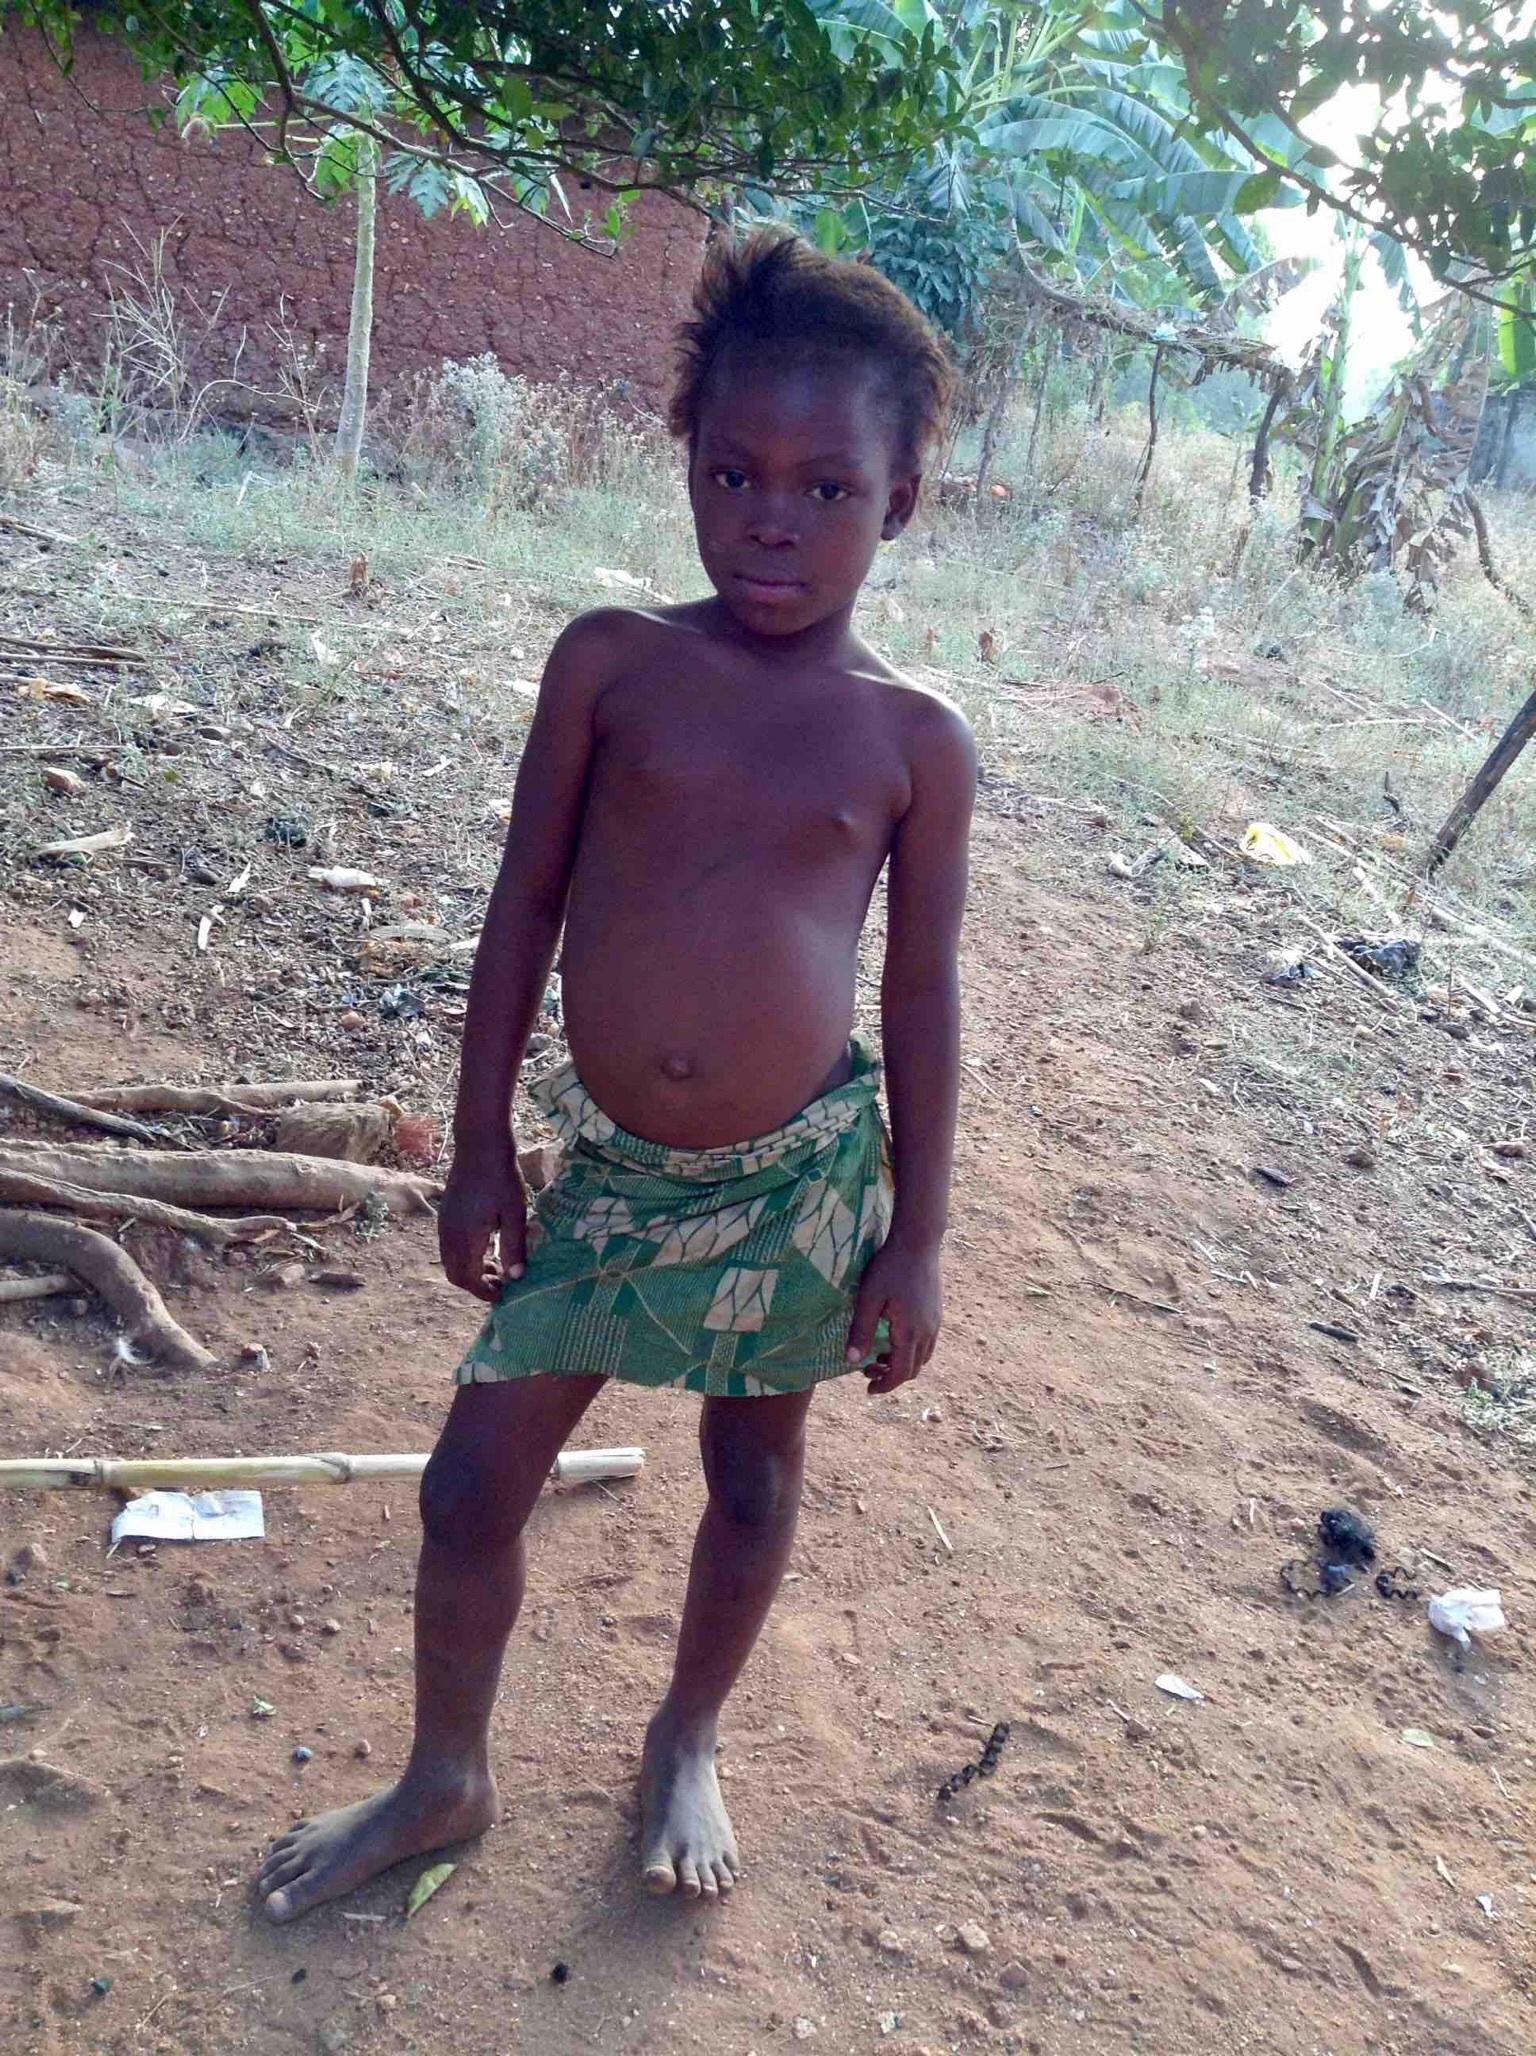 Eggon Girl, Langa Langa Village, Nasarawa State, Nigeria. #JujuFilms